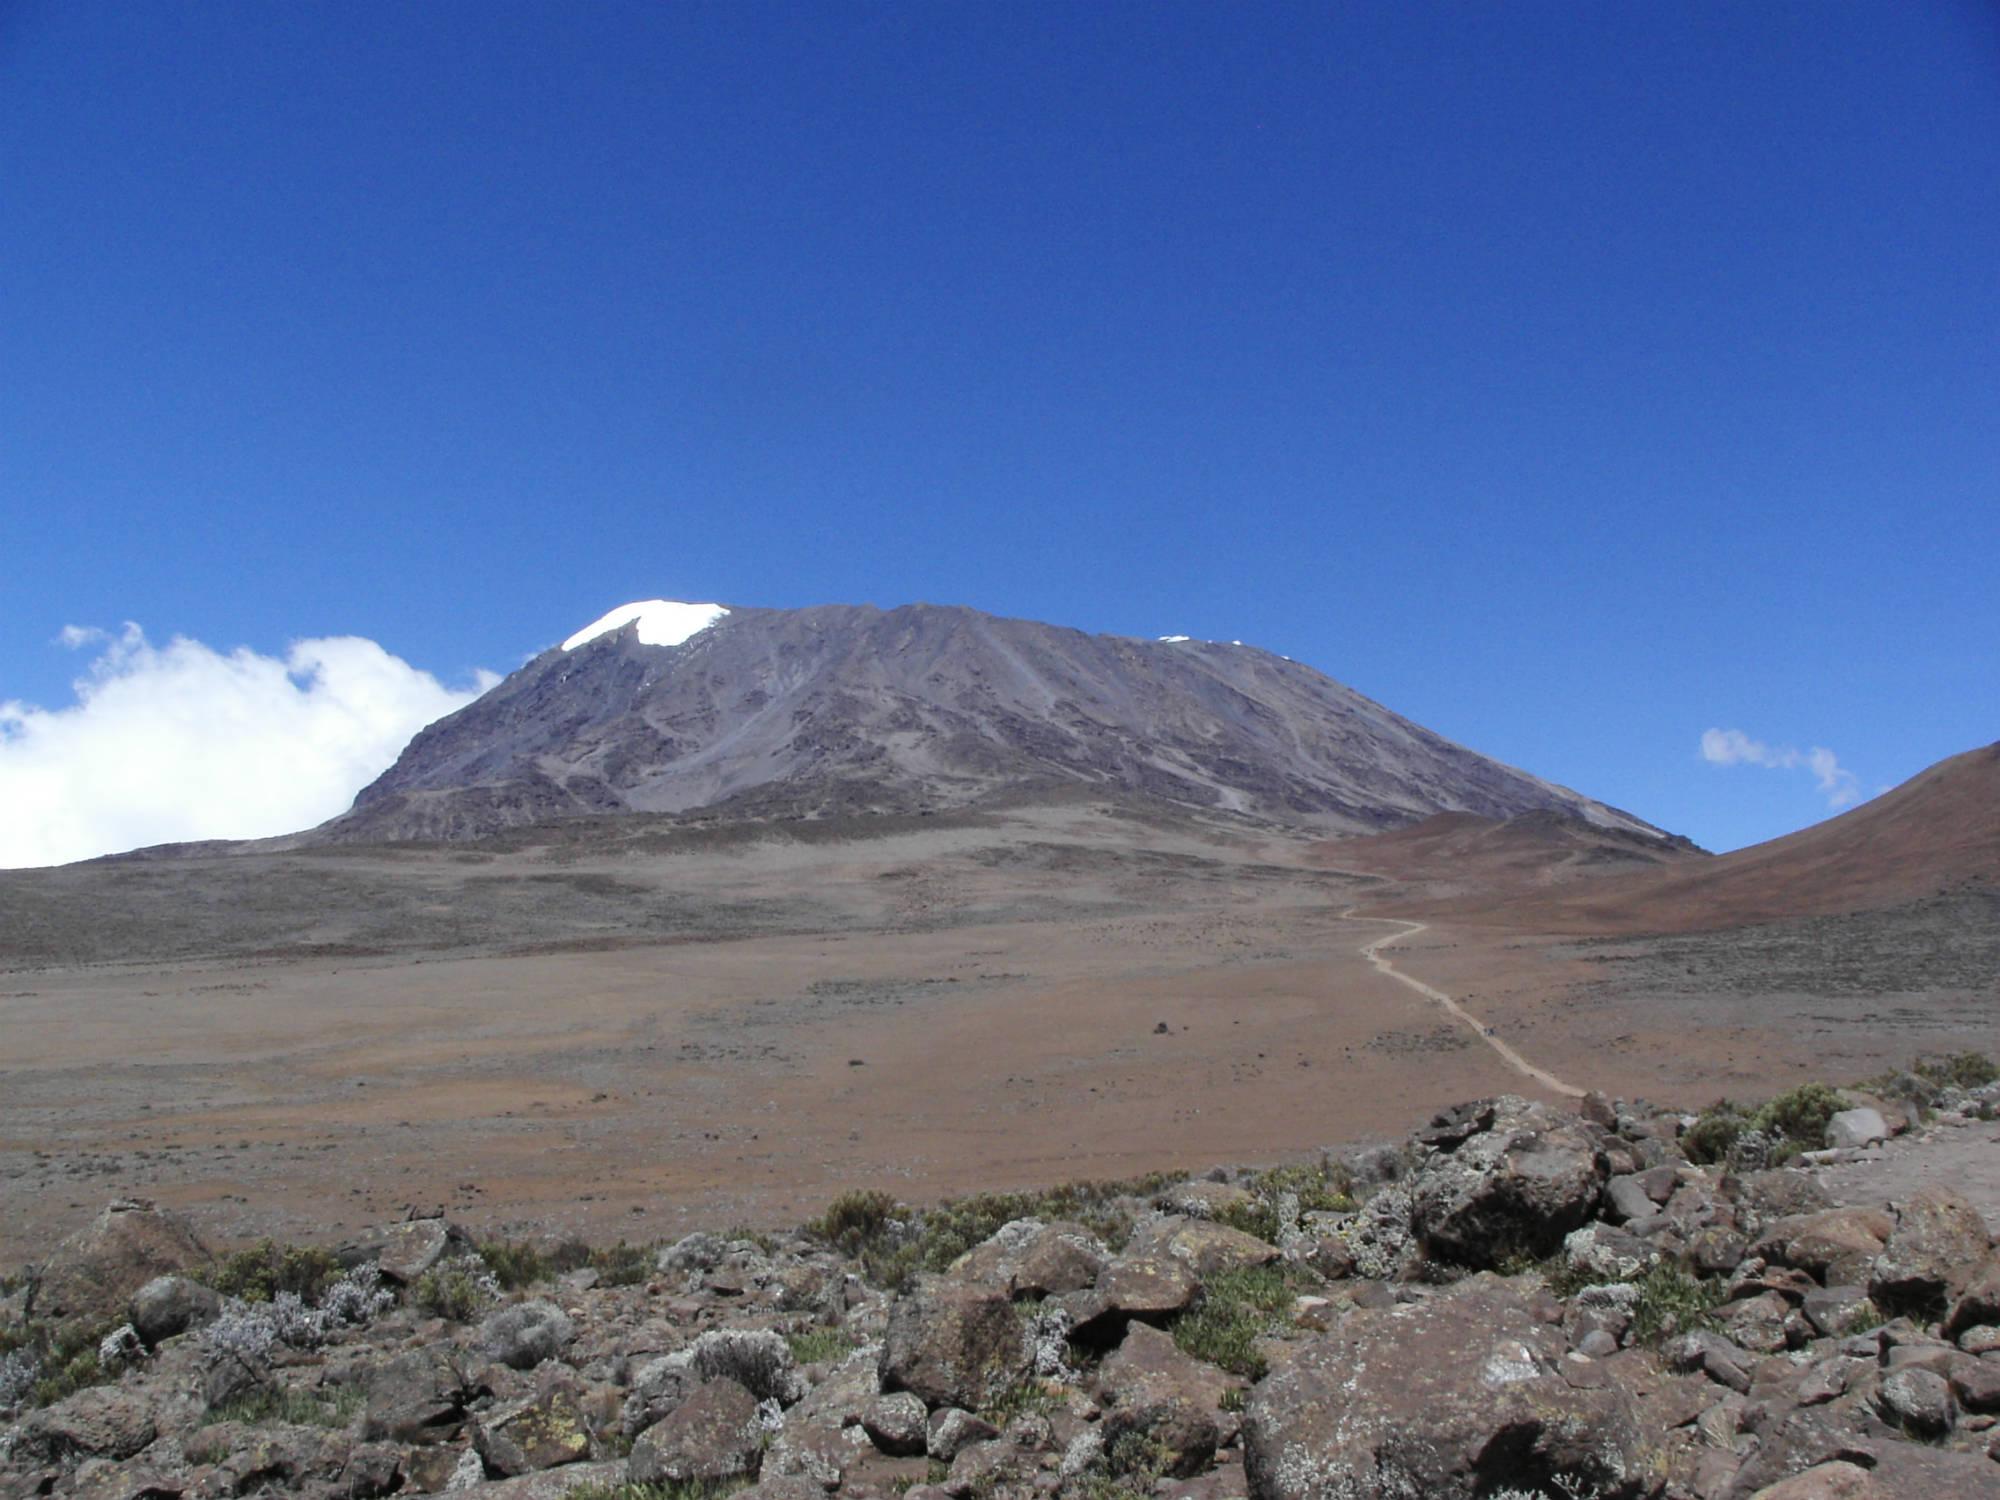 タンザニア/キリマンジャロ(5,895m)登頂10日間